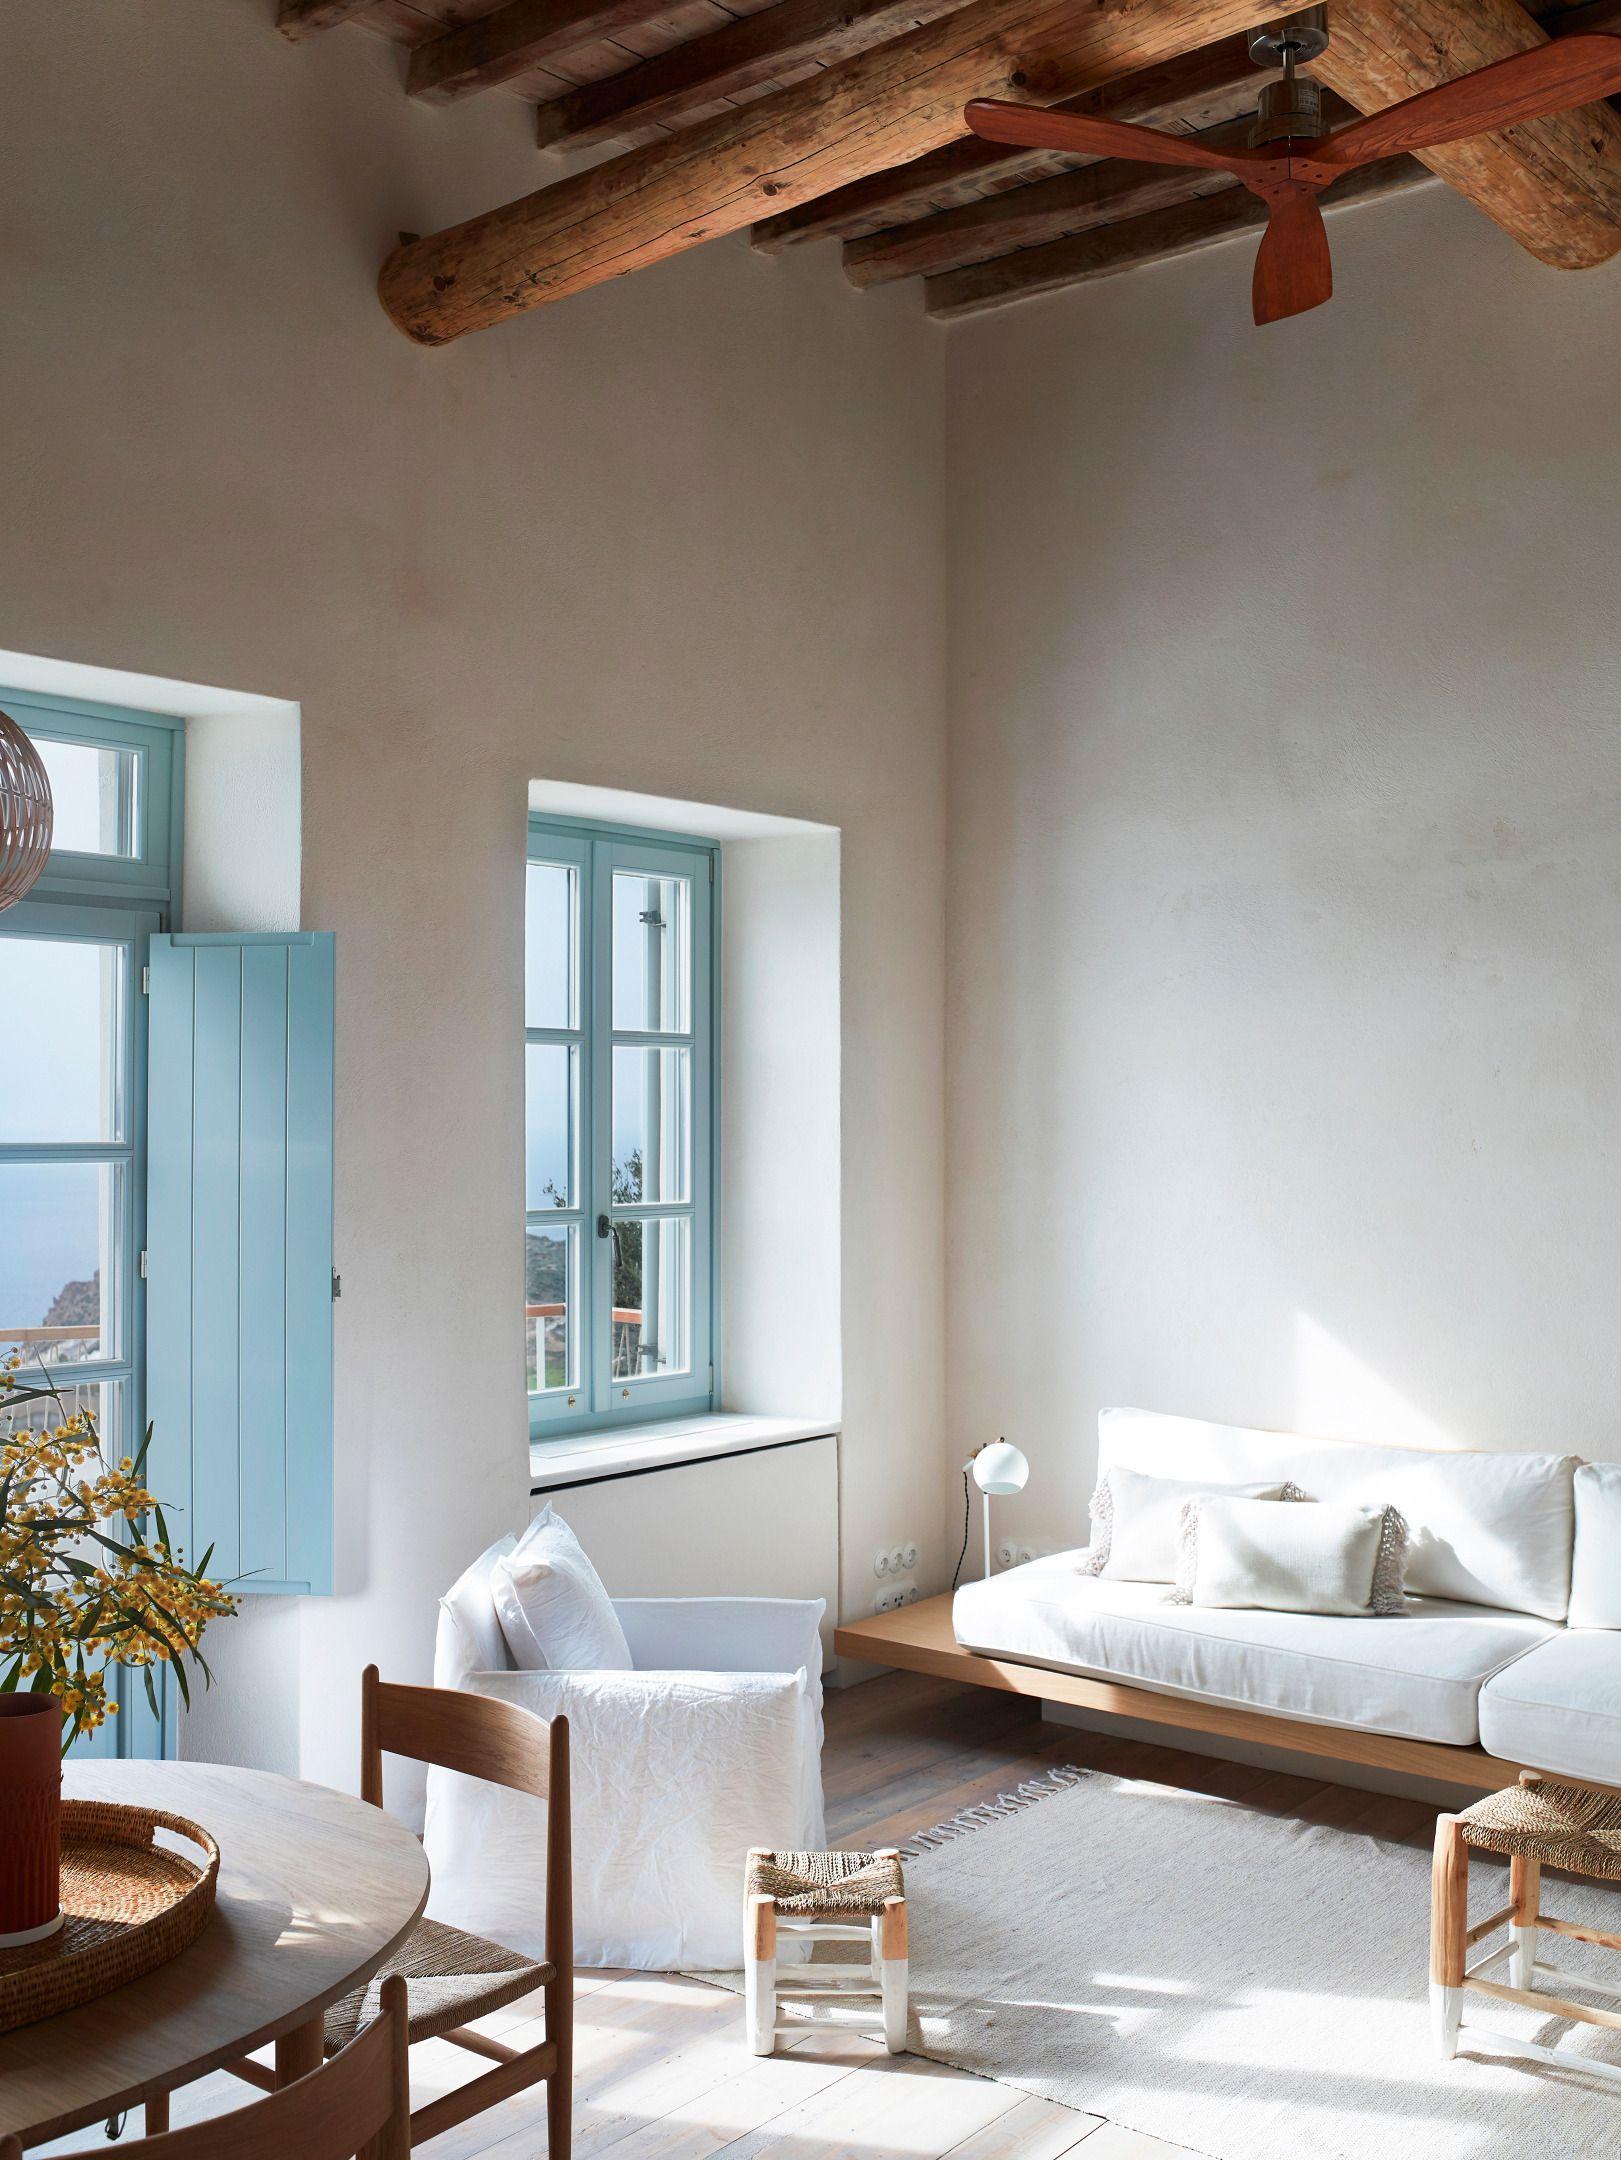 Une maison grecque sur une île - PLANETE DECO a homes world ...